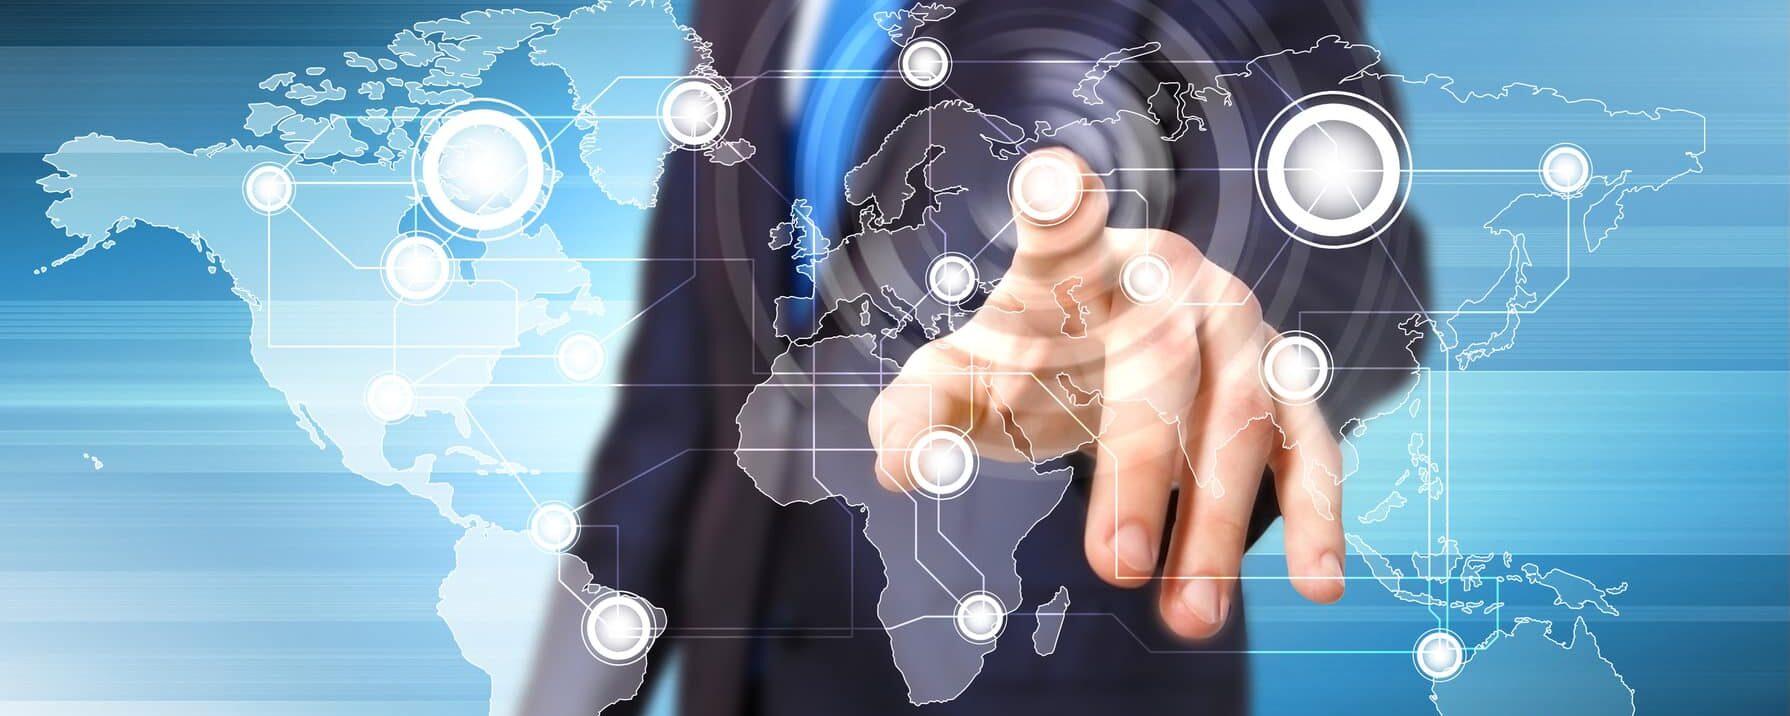 Hébergements et domaines : comment monter un réseau  de sites ?